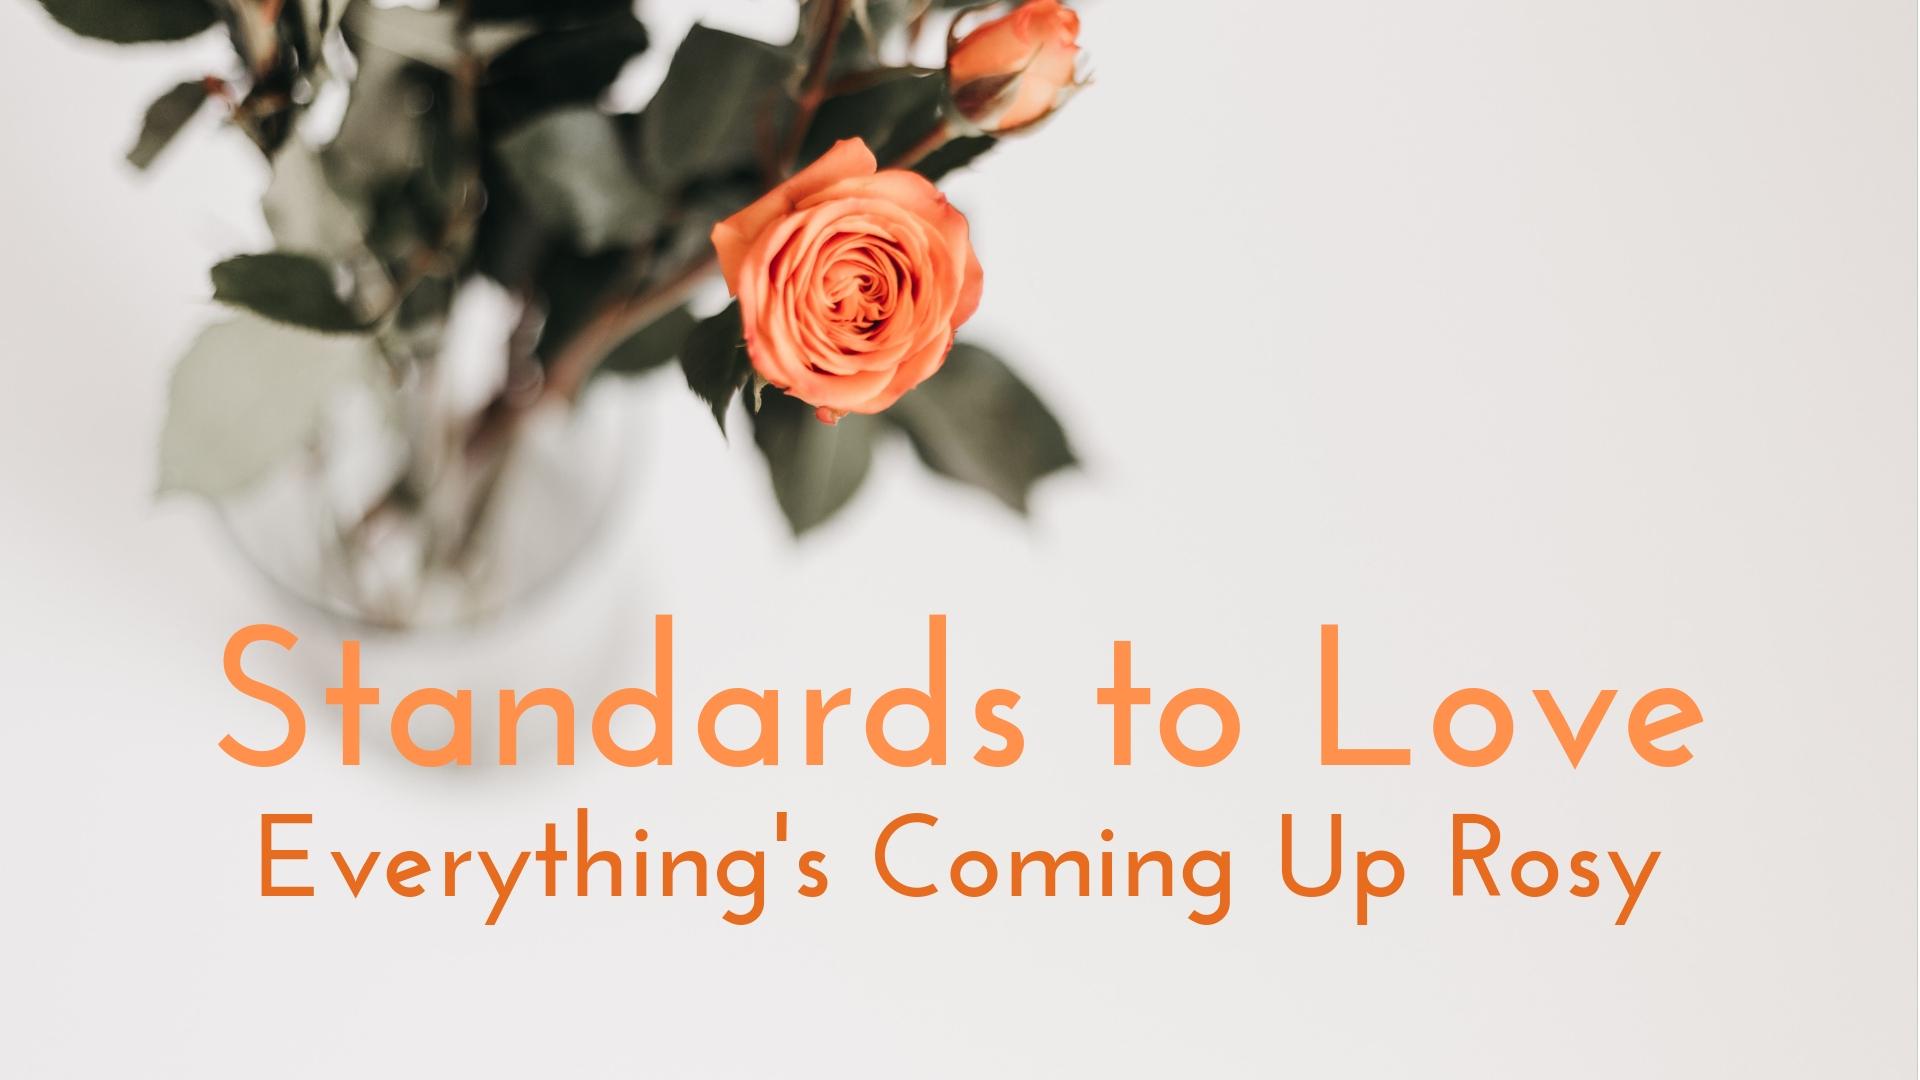 banner-standards-to-love-roses-05 (1).jpg